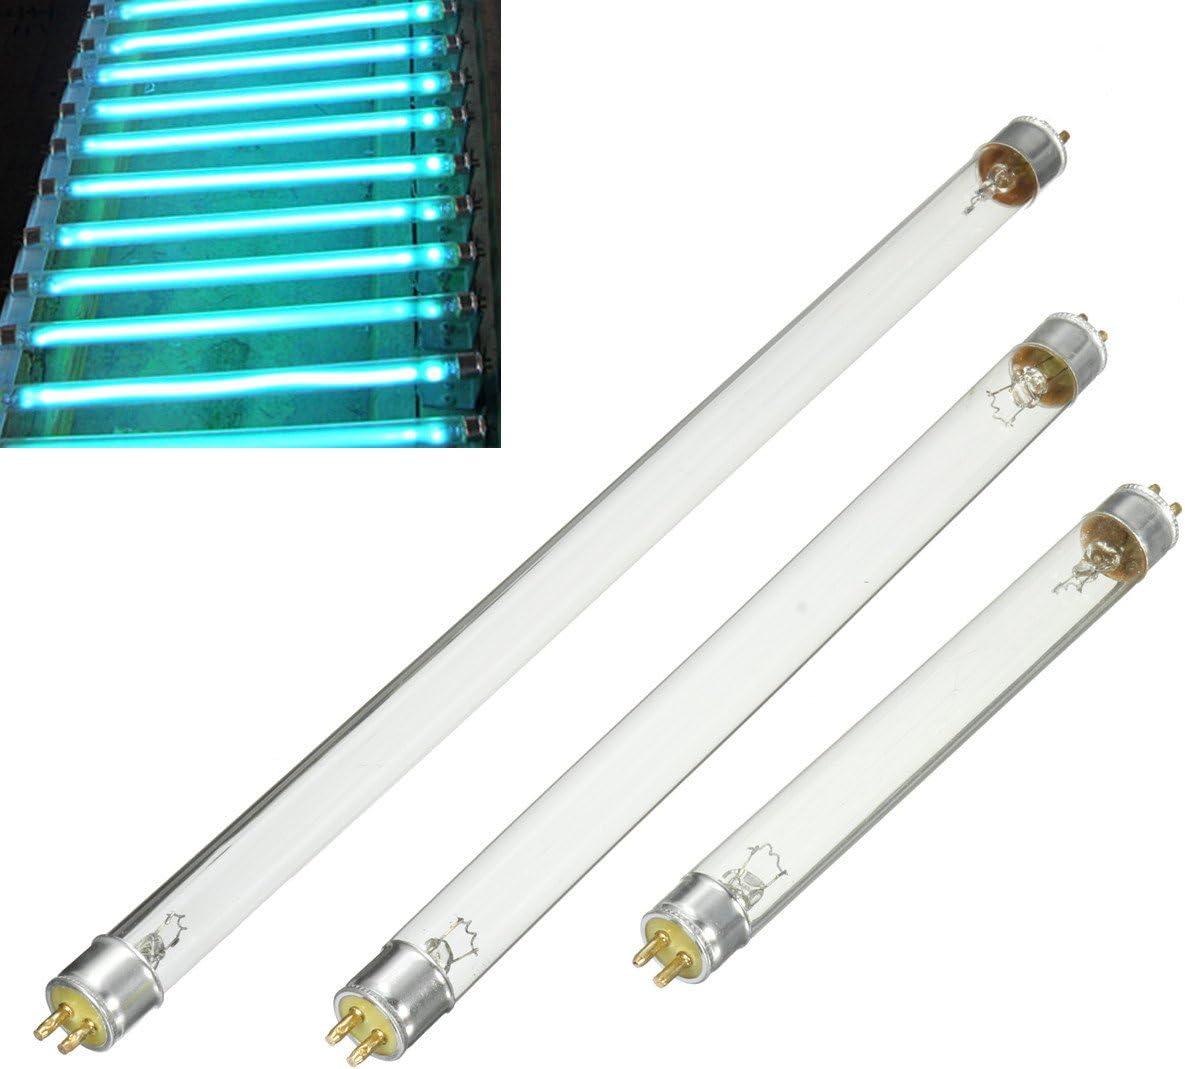 Tutoy 4W////-Watt-UV Desinfektions-Desinfektion Lampe R/öhren Sterilisator Gl/ühbirne T5-4W